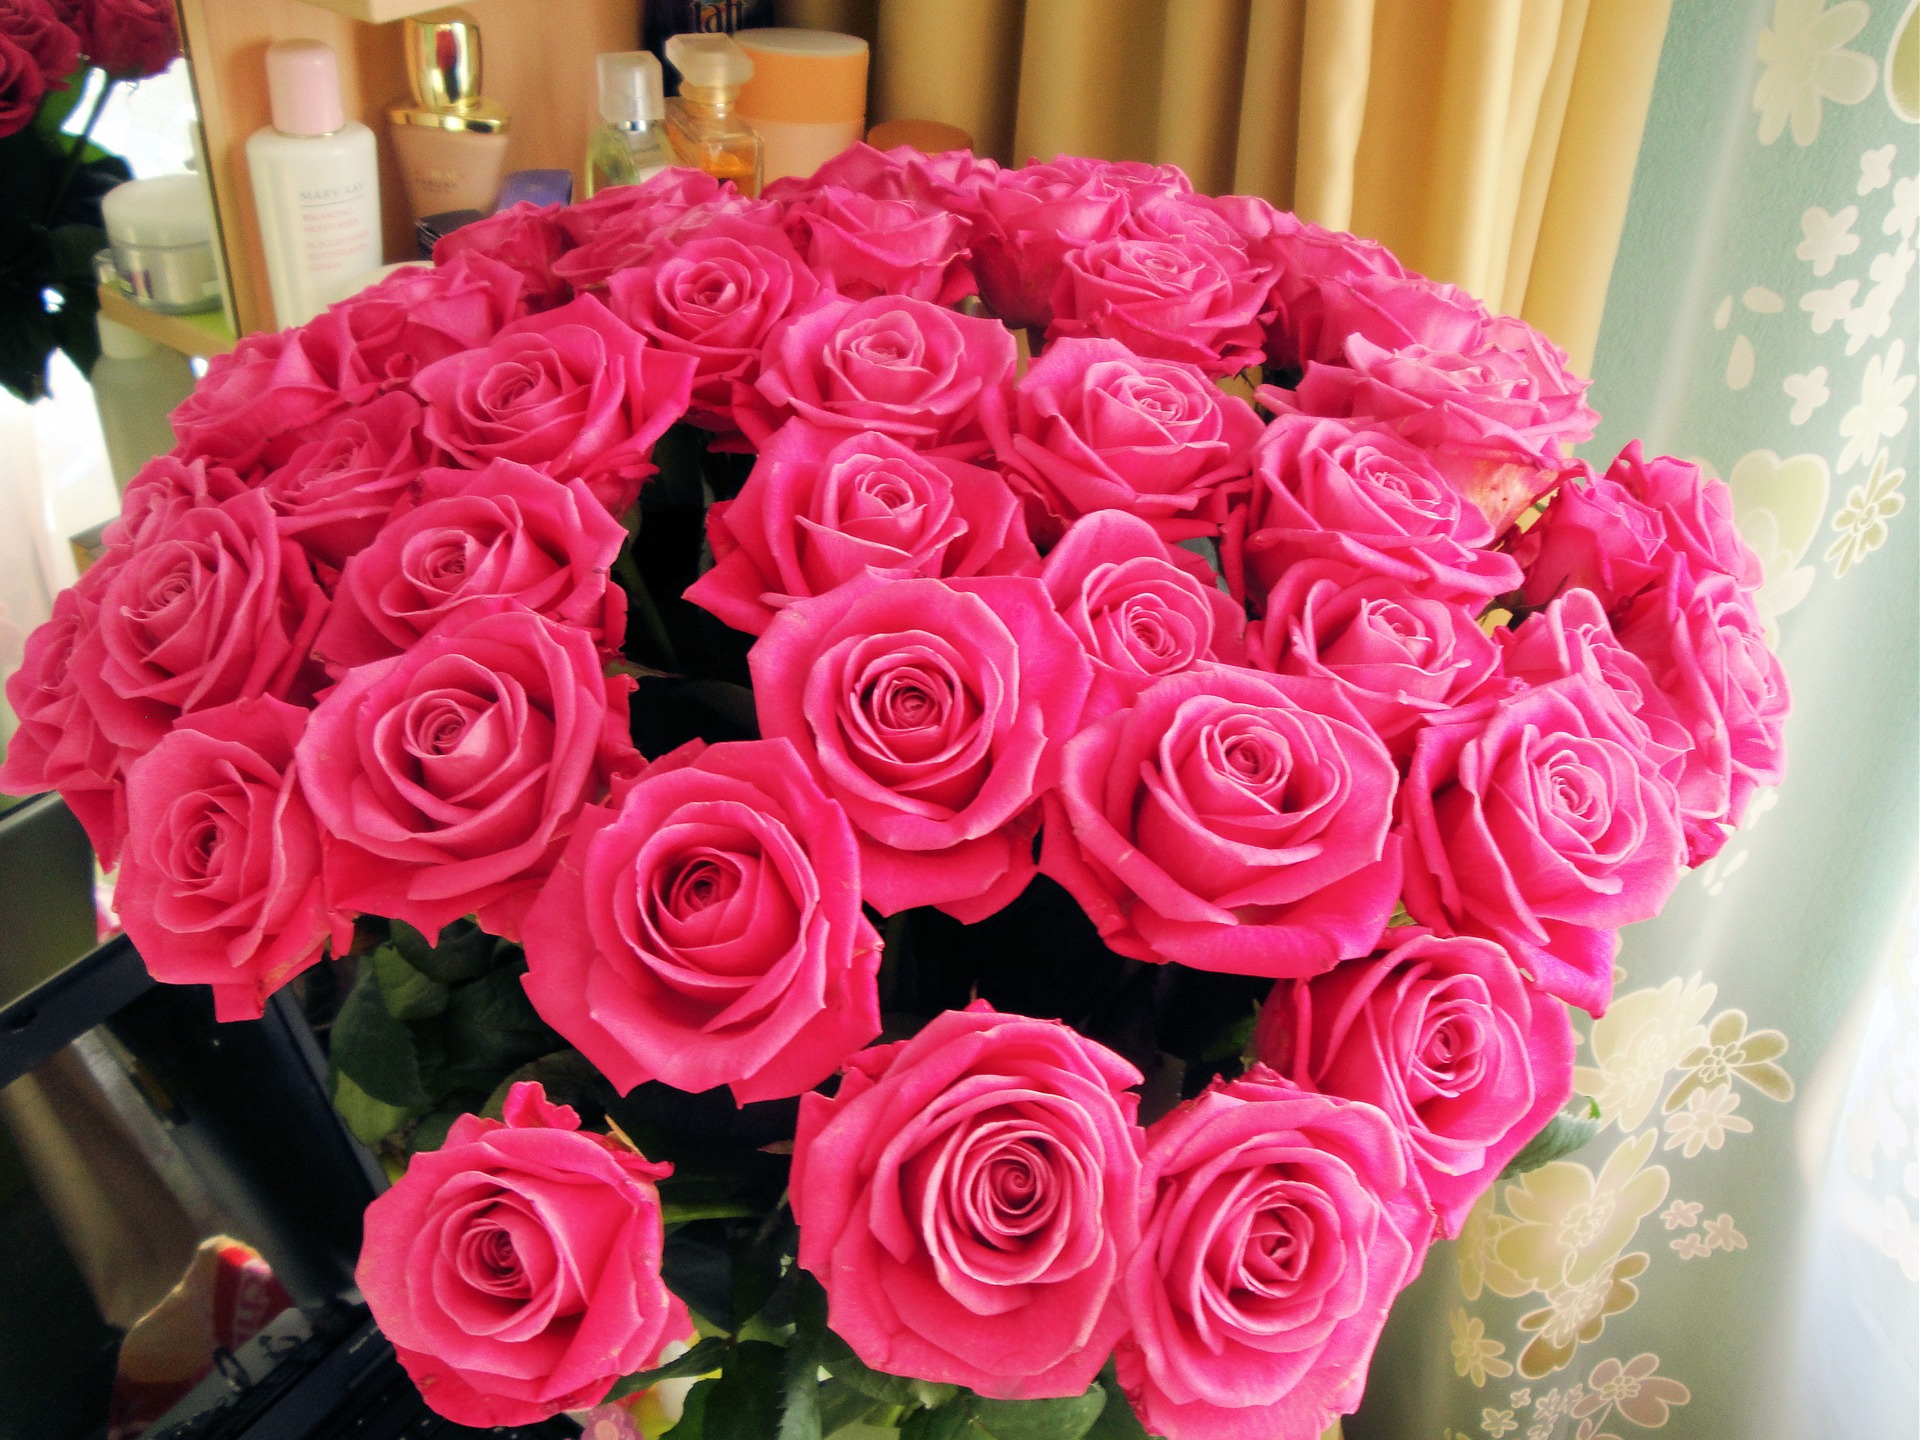 Картинки подаренных букетов роз